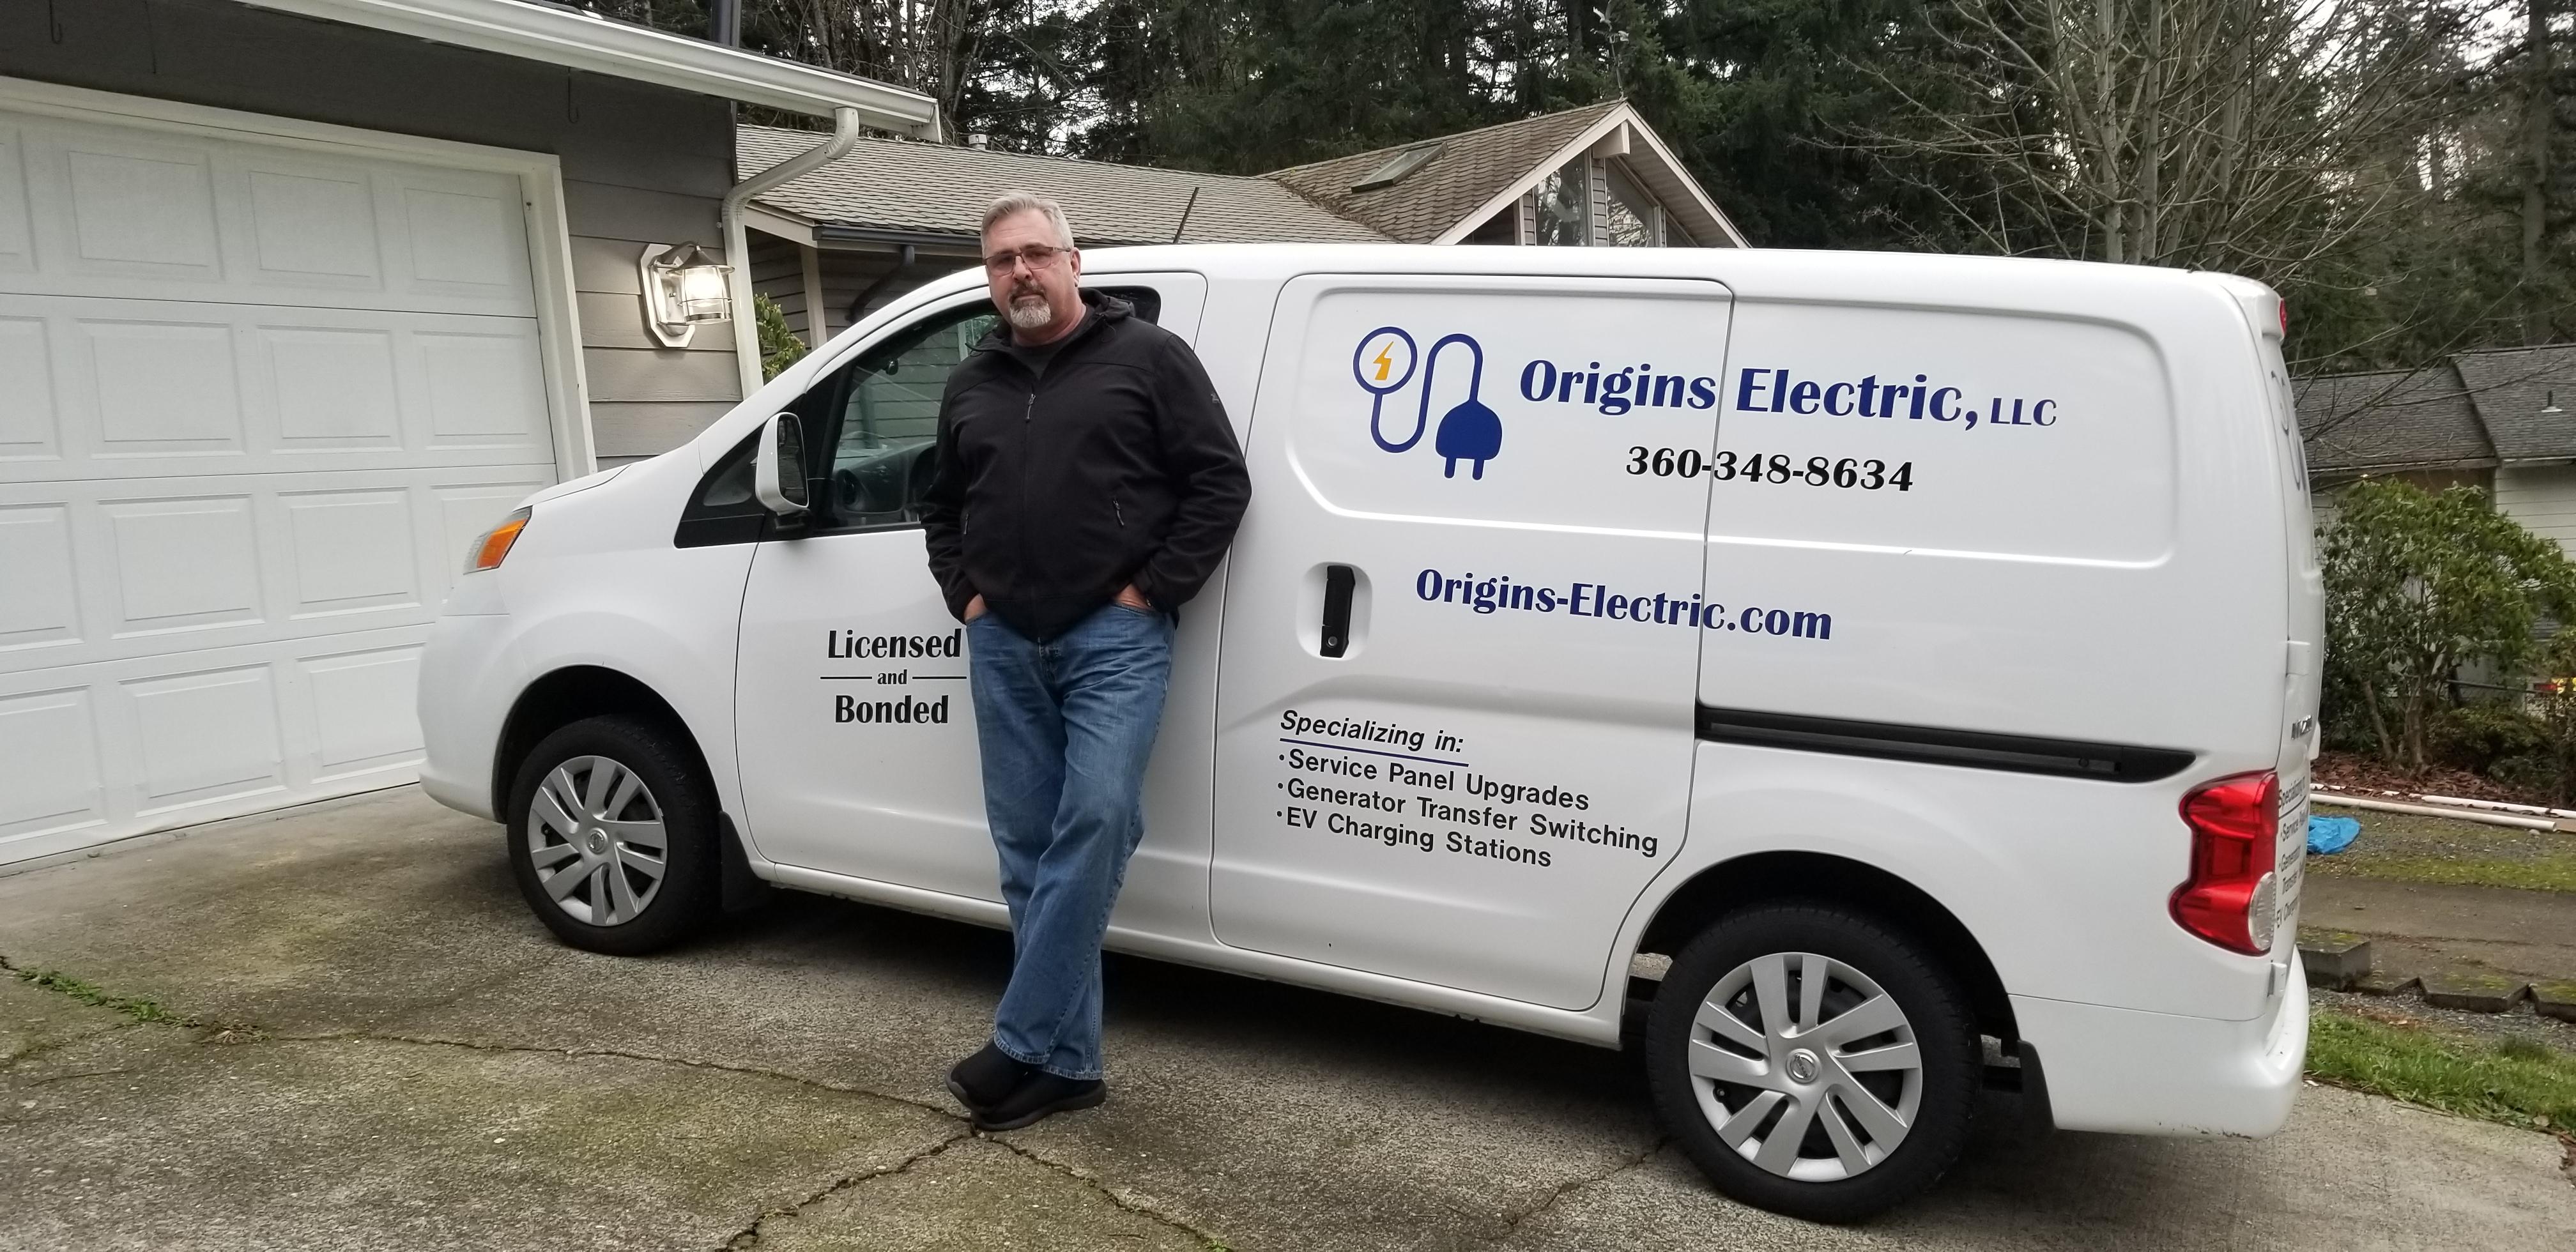 Origins-Electric image 0